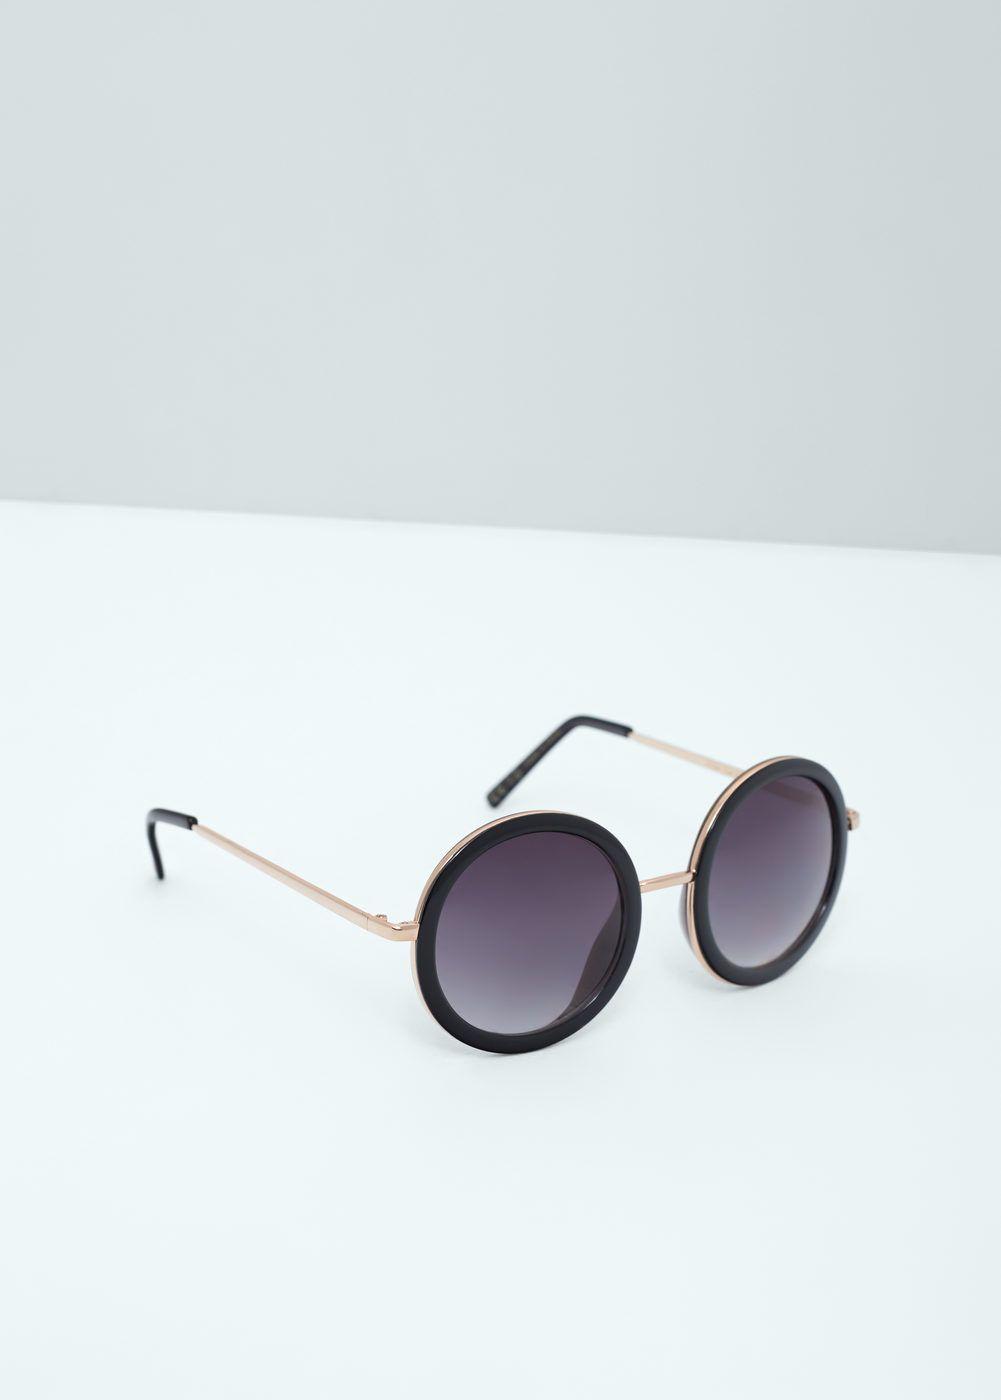 lunettes de soleil rondes lunettes de soleil pour femme mango france t 2016 pinterest. Black Bedroom Furniture Sets. Home Design Ideas